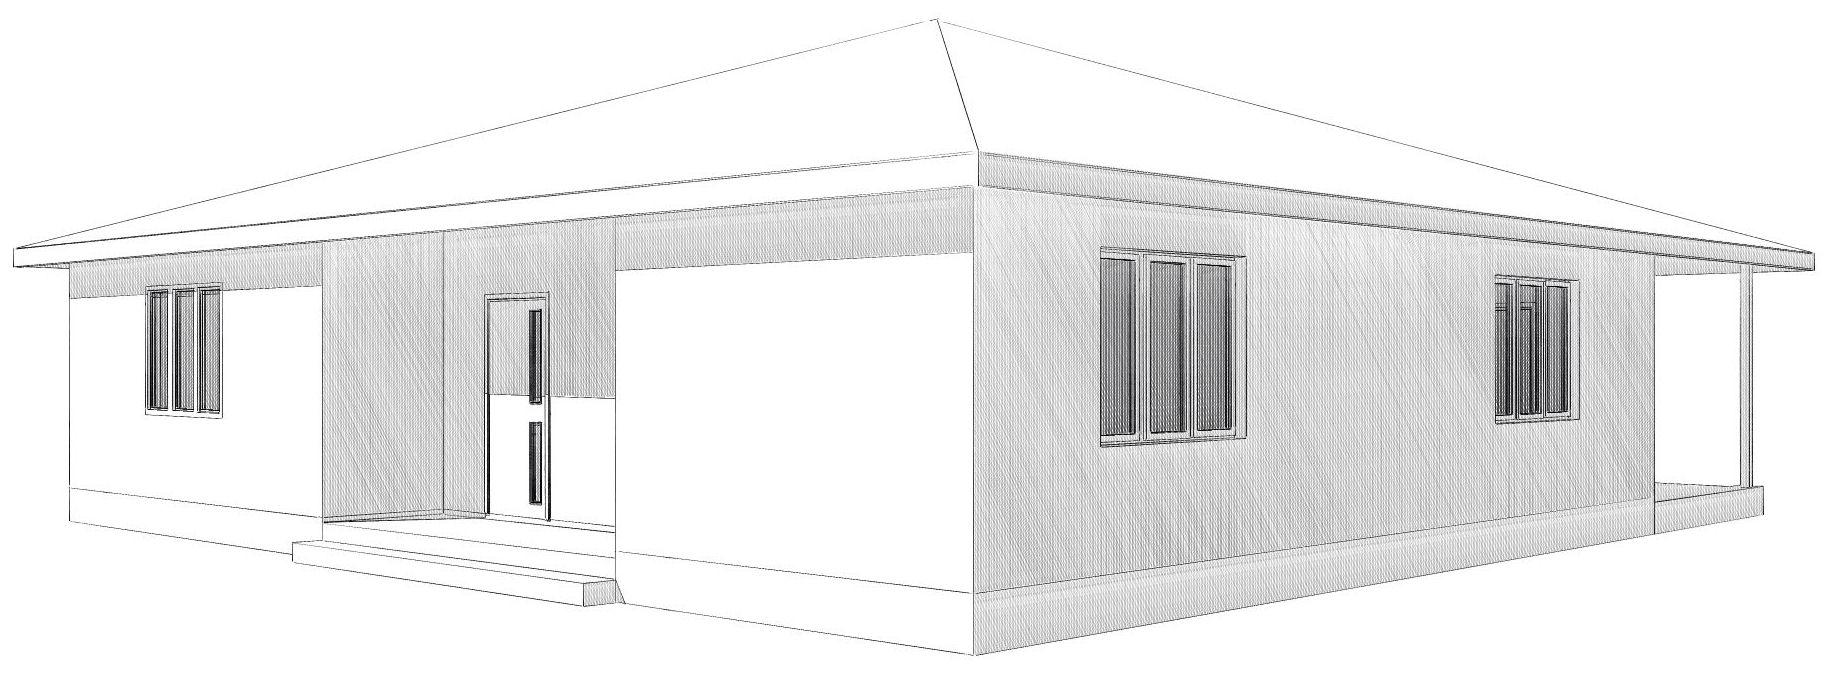 Визуализация передней части одноэтажного дома для всей семьи из СИП-панелей по Канадской технологии, 150 м2